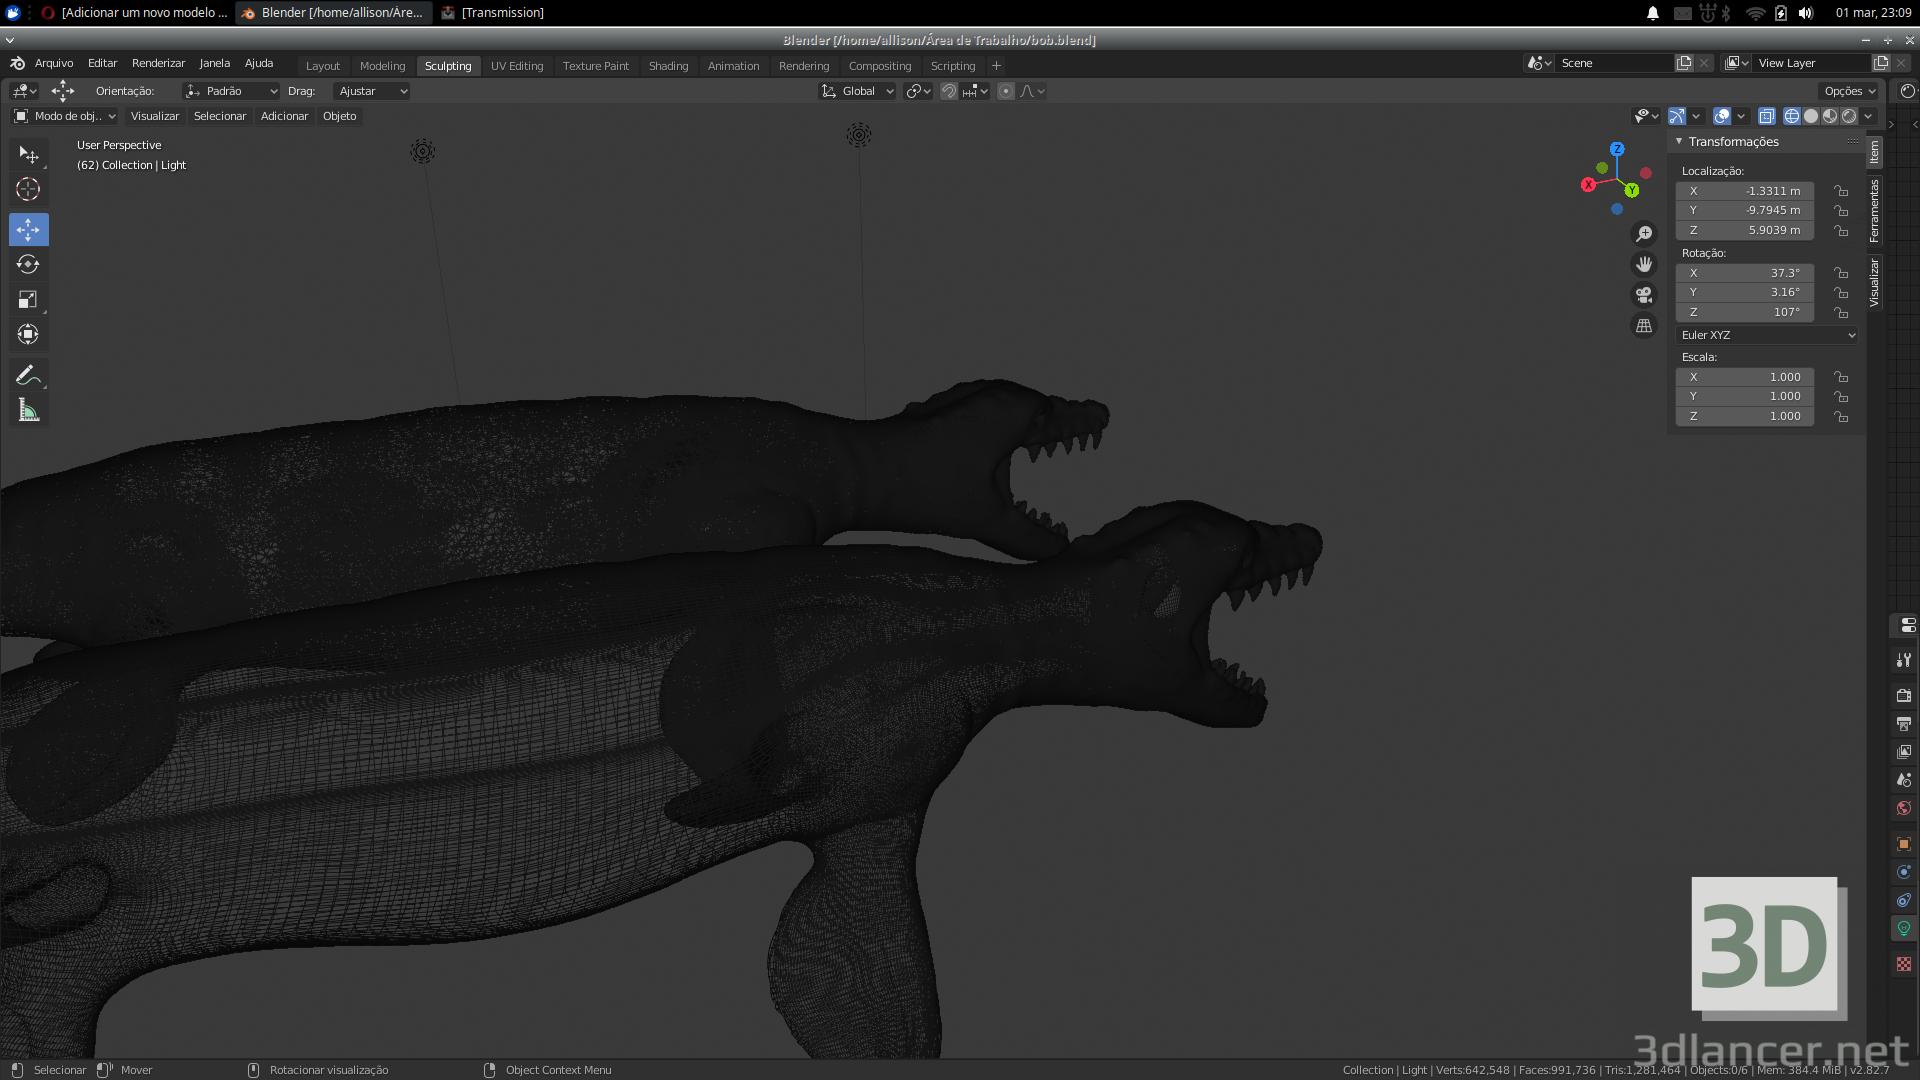 3 डी मोसासौर-प्रेरित जल राक्षस मॉडल खरीद - रेंडर